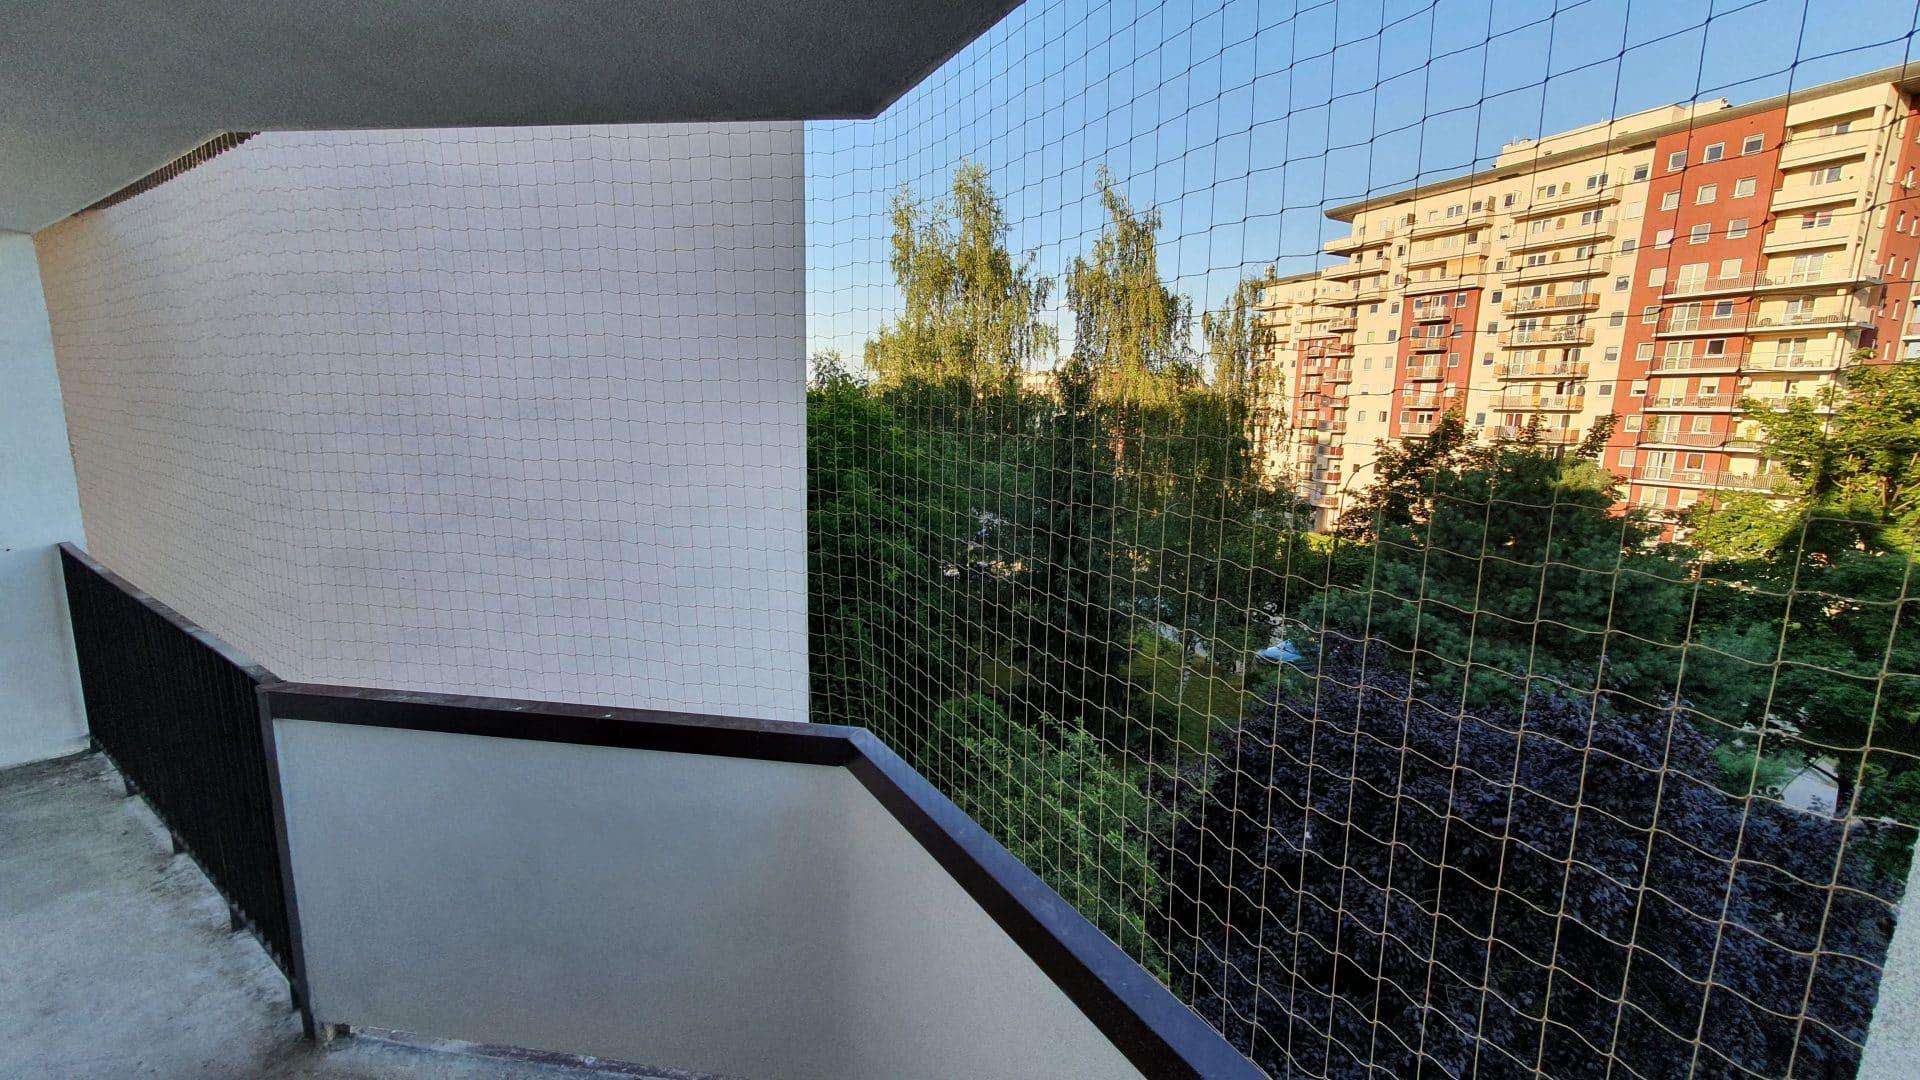 Cena siatki dla kota lub siatki przeciwko gołębiom zależy przede wszystkim od wielkości balkonu.